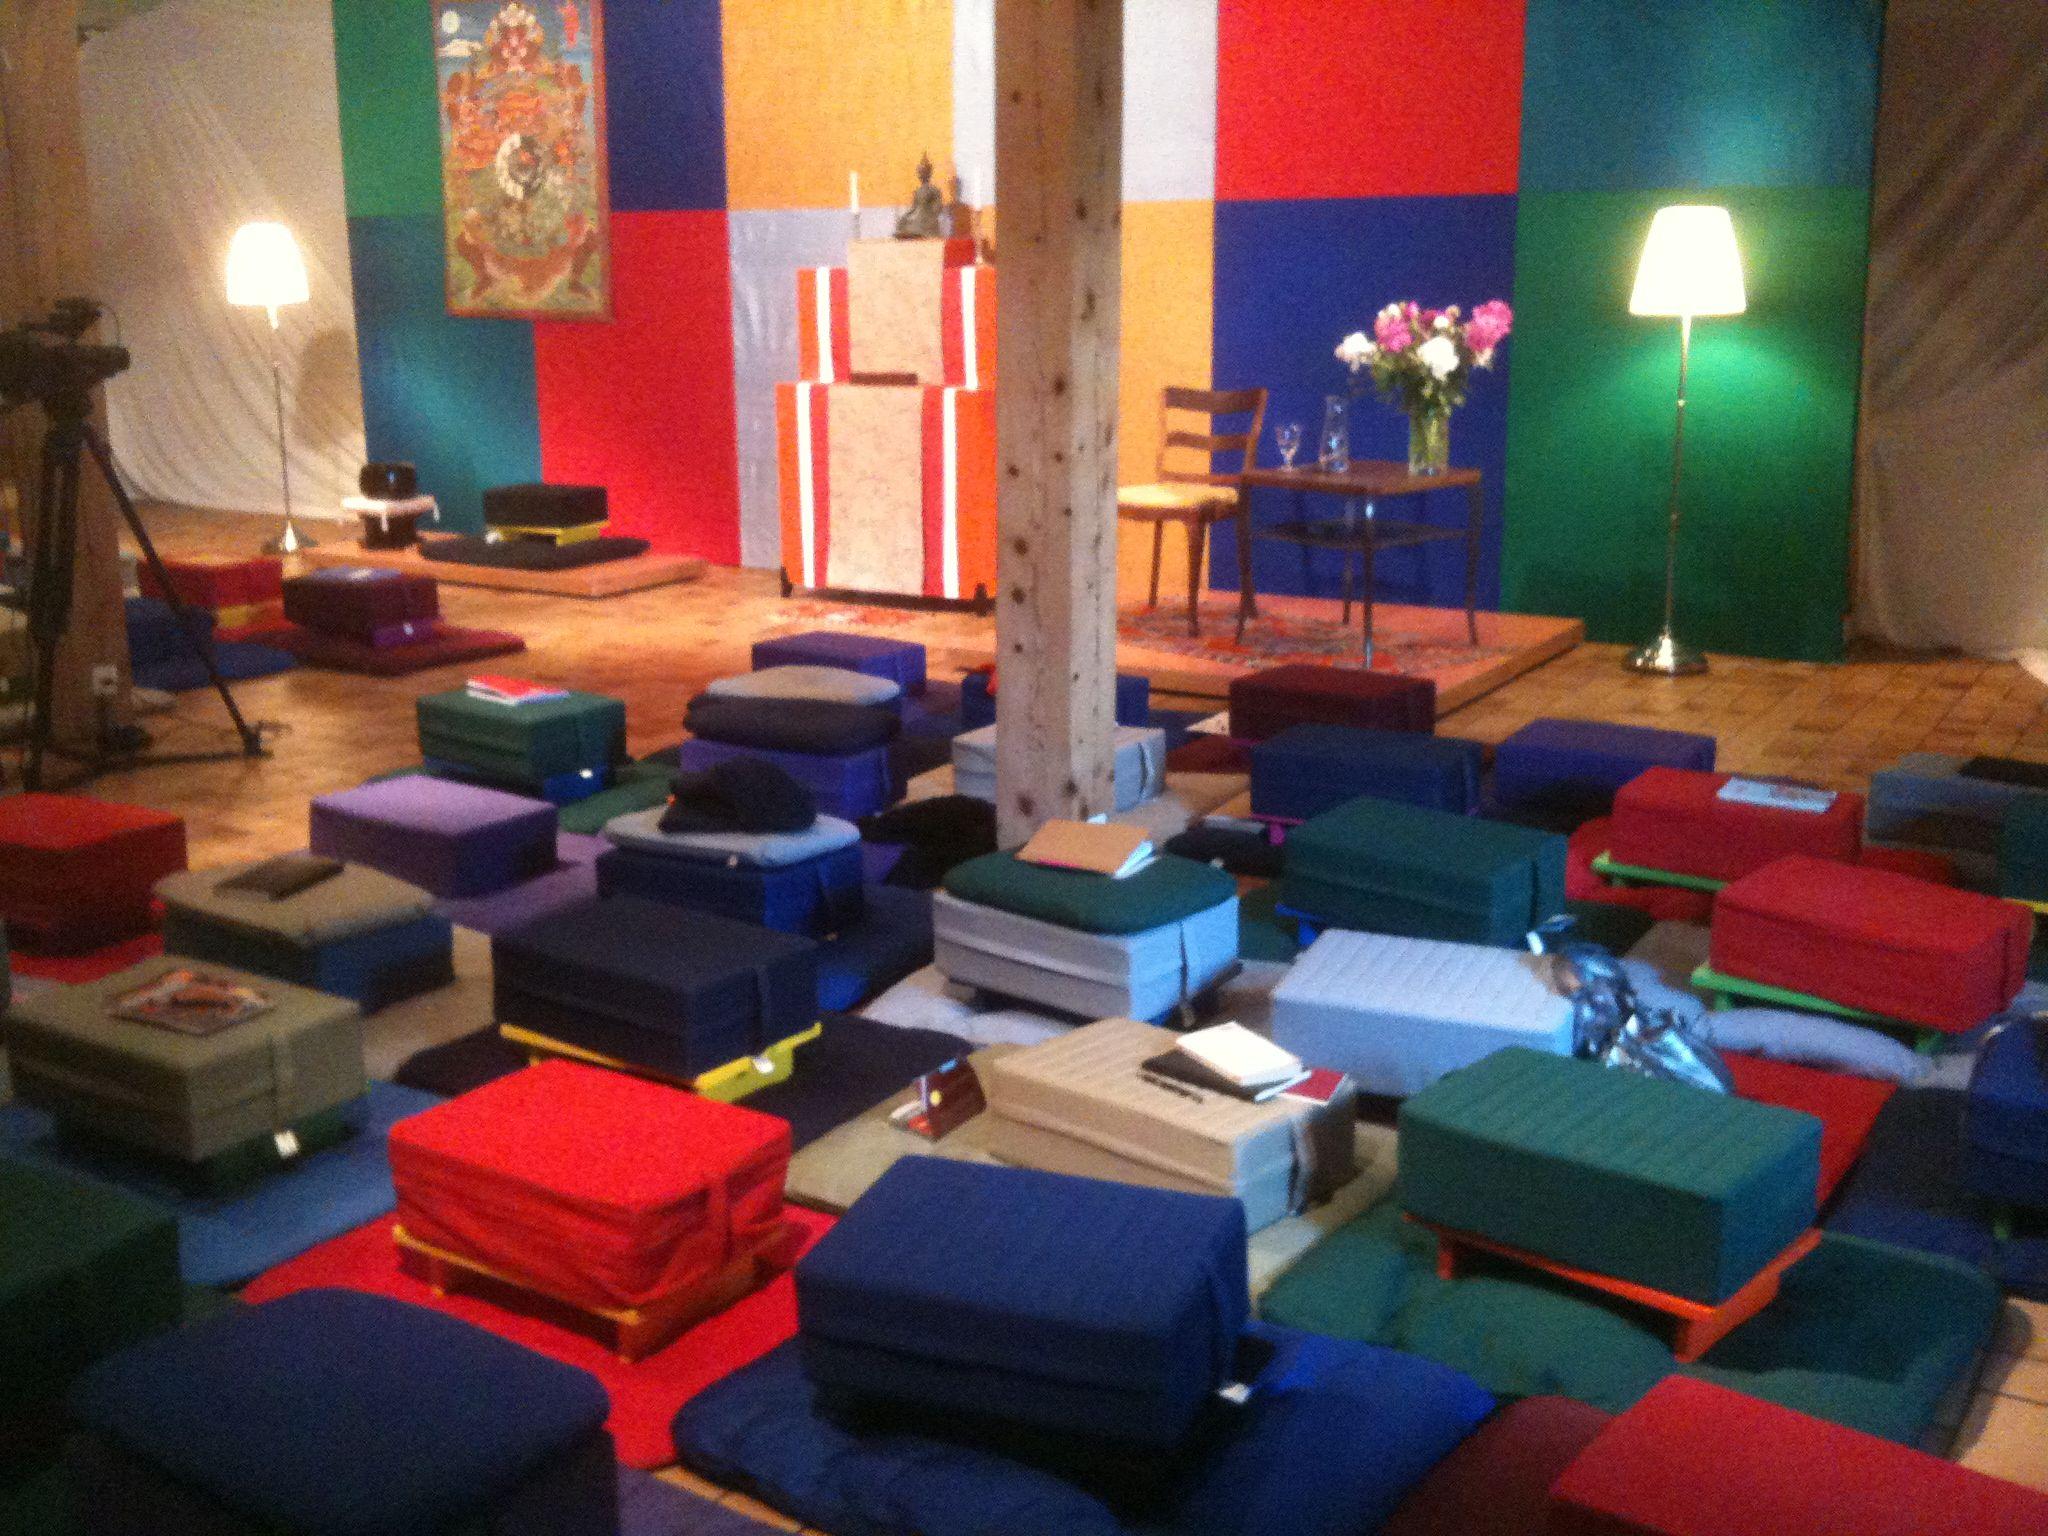 des coussins au coussin spiritopus le blog spiritopus le blog. Black Bedroom Furniture Sets. Home Design Ideas